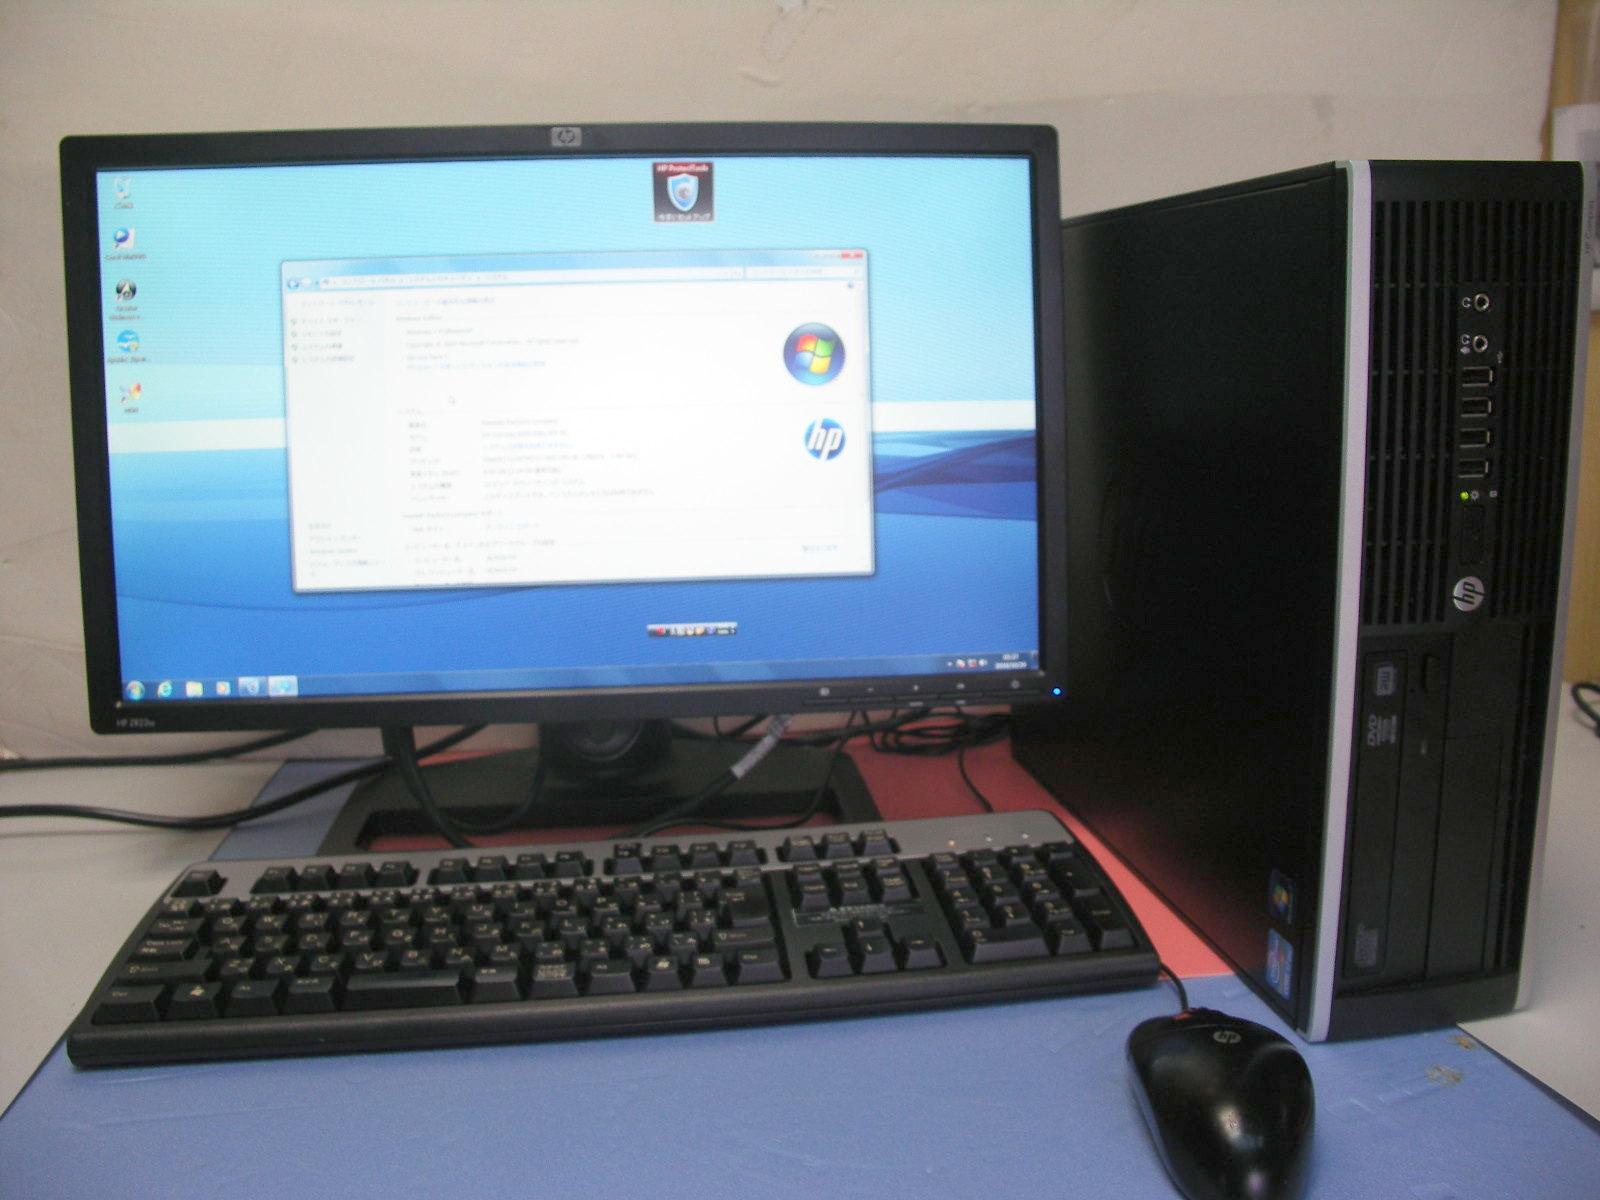 HP 8200 i7 3.2GHz 4GB 500GB  WINDOWS7 22インチセット【中古】【送料無料】【あす楽対応】